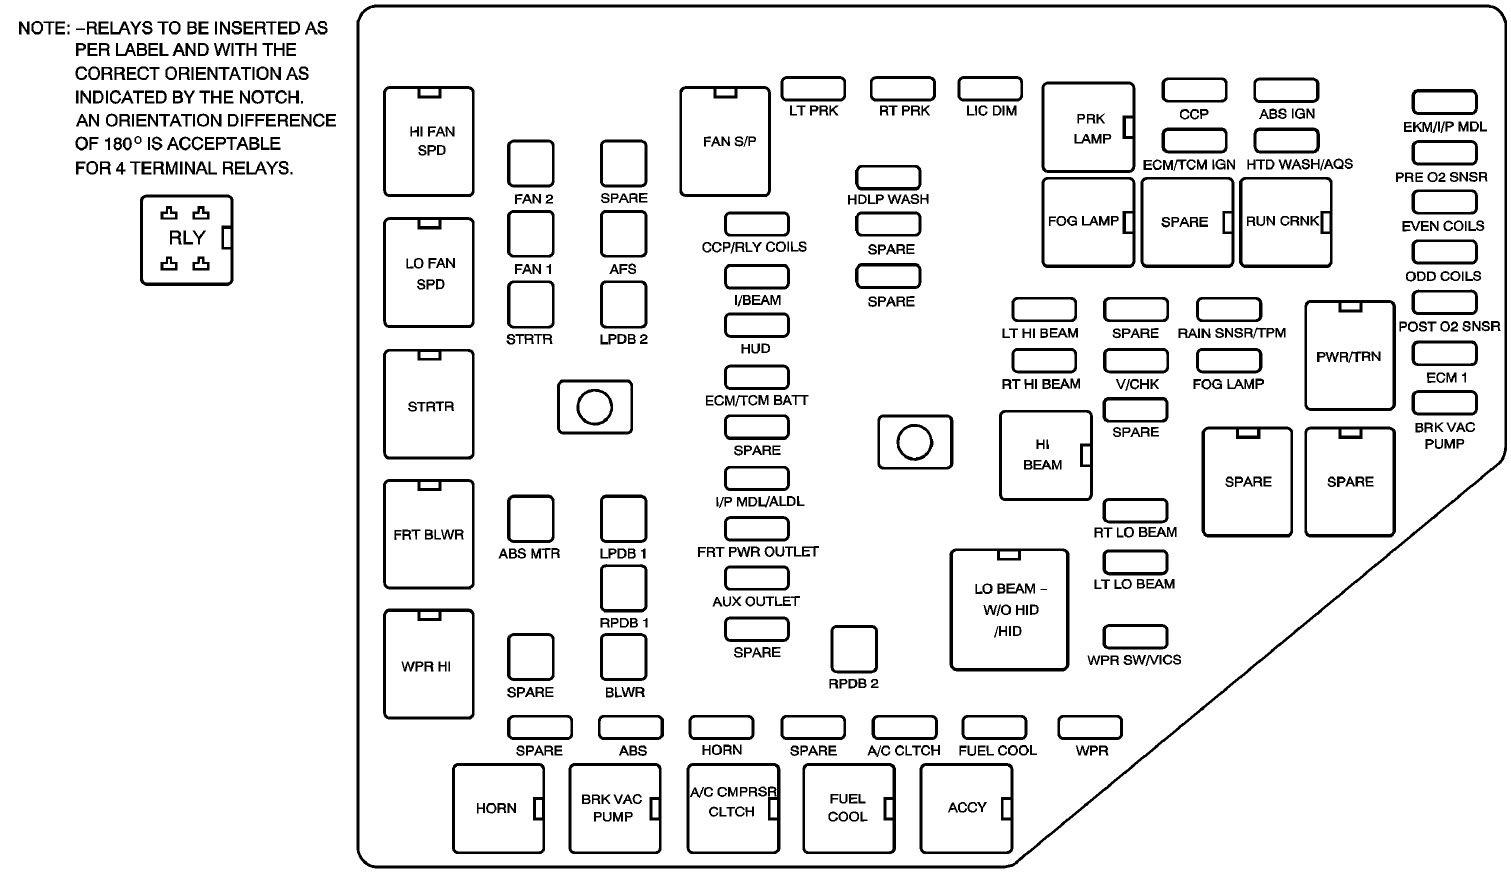 2008 cadillac fuse diagram machine repair manual Cadillac Cts Fuse Box Diagram 2008 cadillac cts fuse box diagram